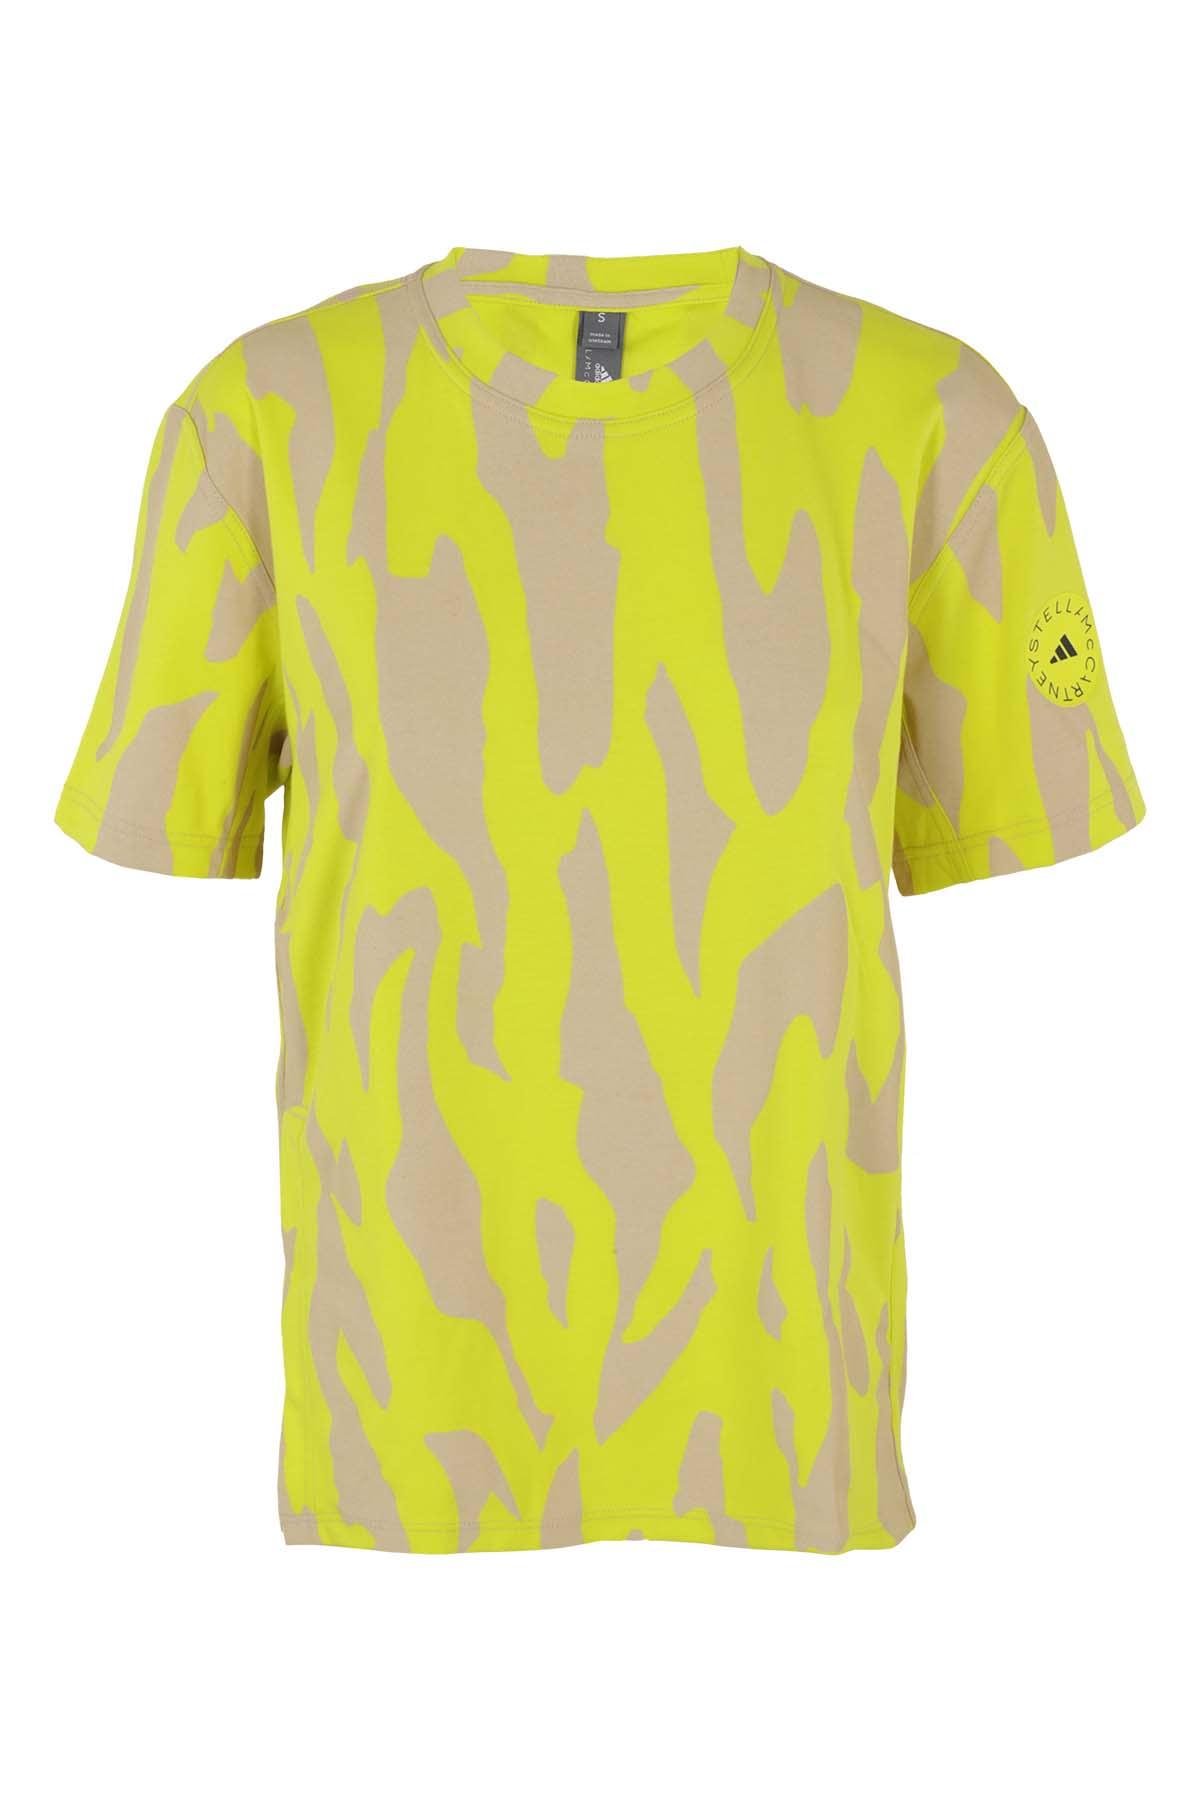 Adidas By Stella Mccartney T-shirts T-SHIRT